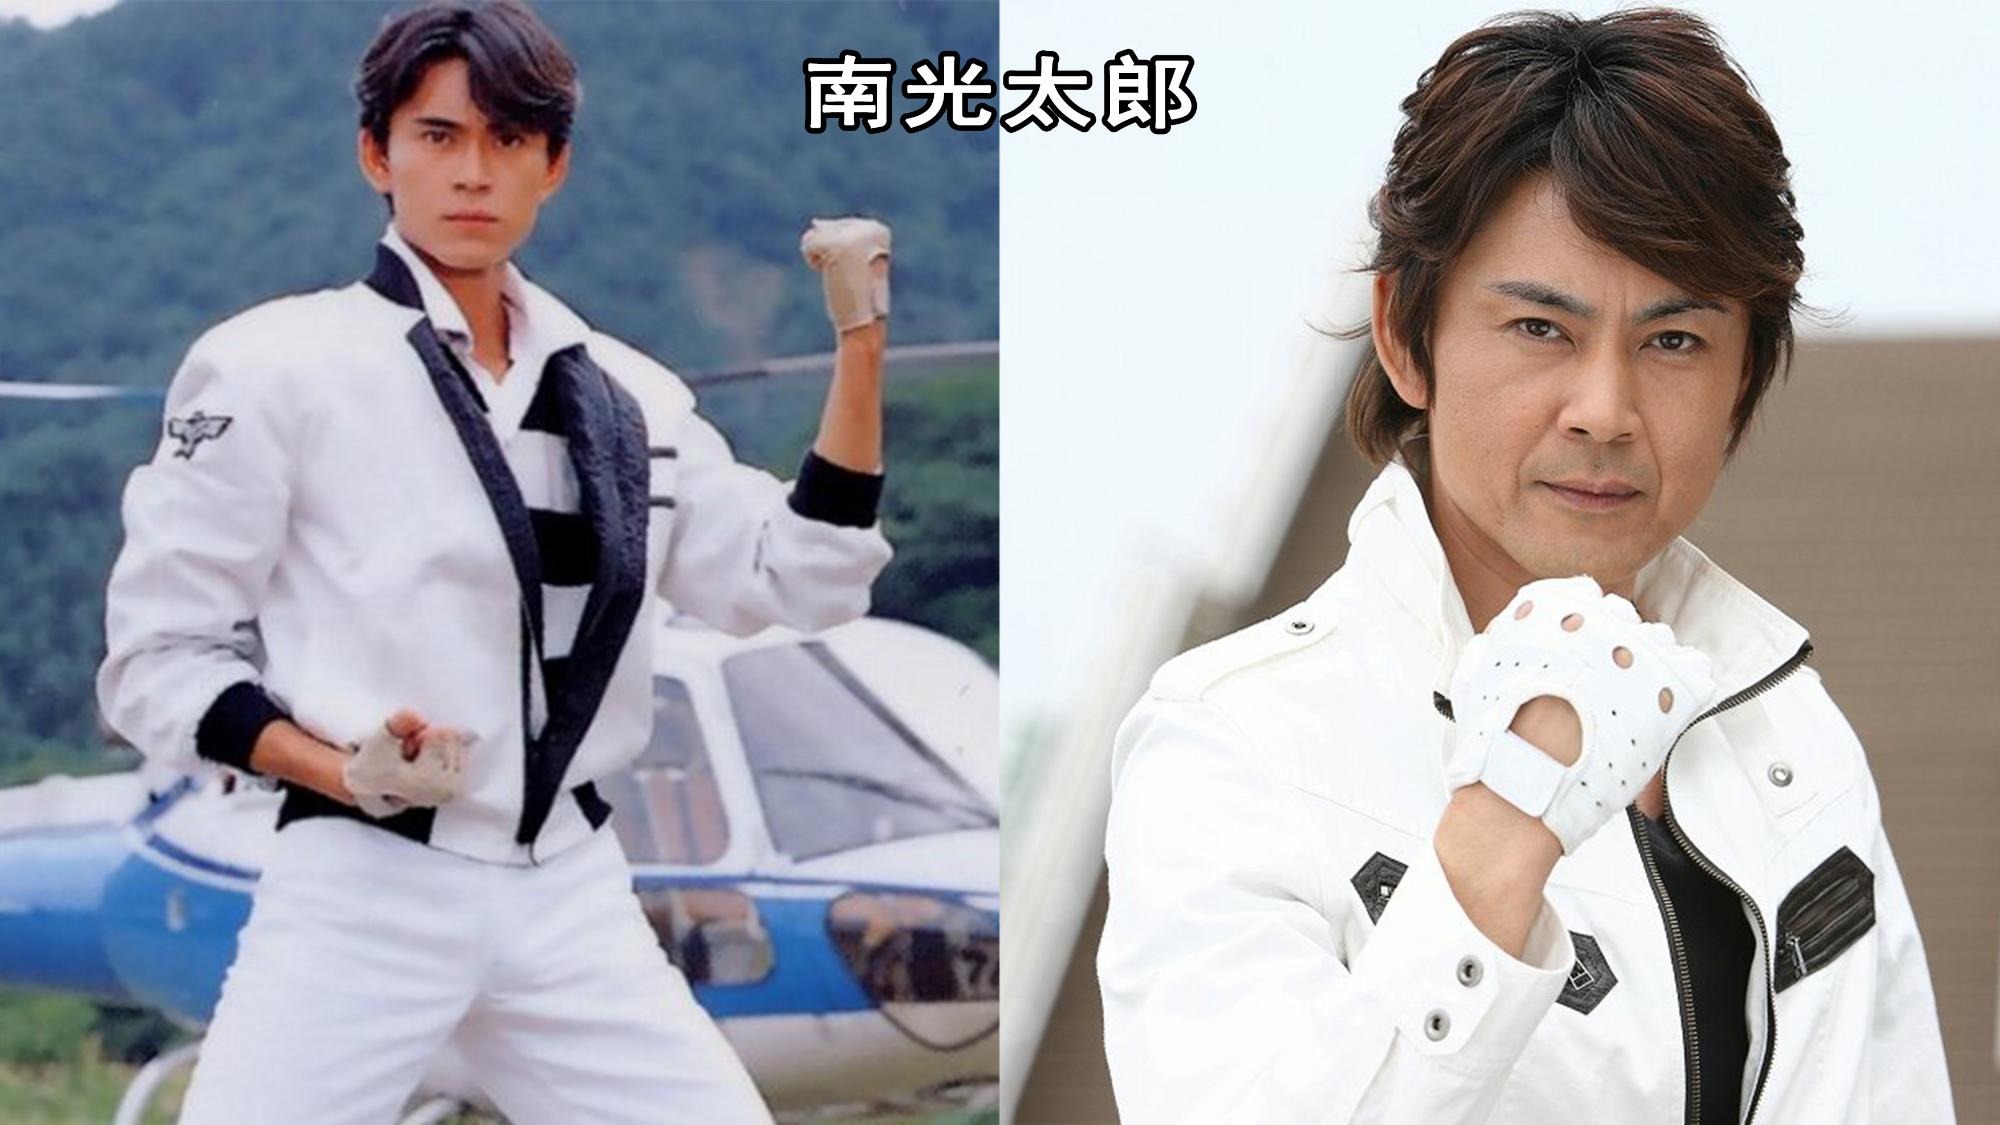 【回忆向】《假面骑士》昭和系列骑士演员,现在变怎样了